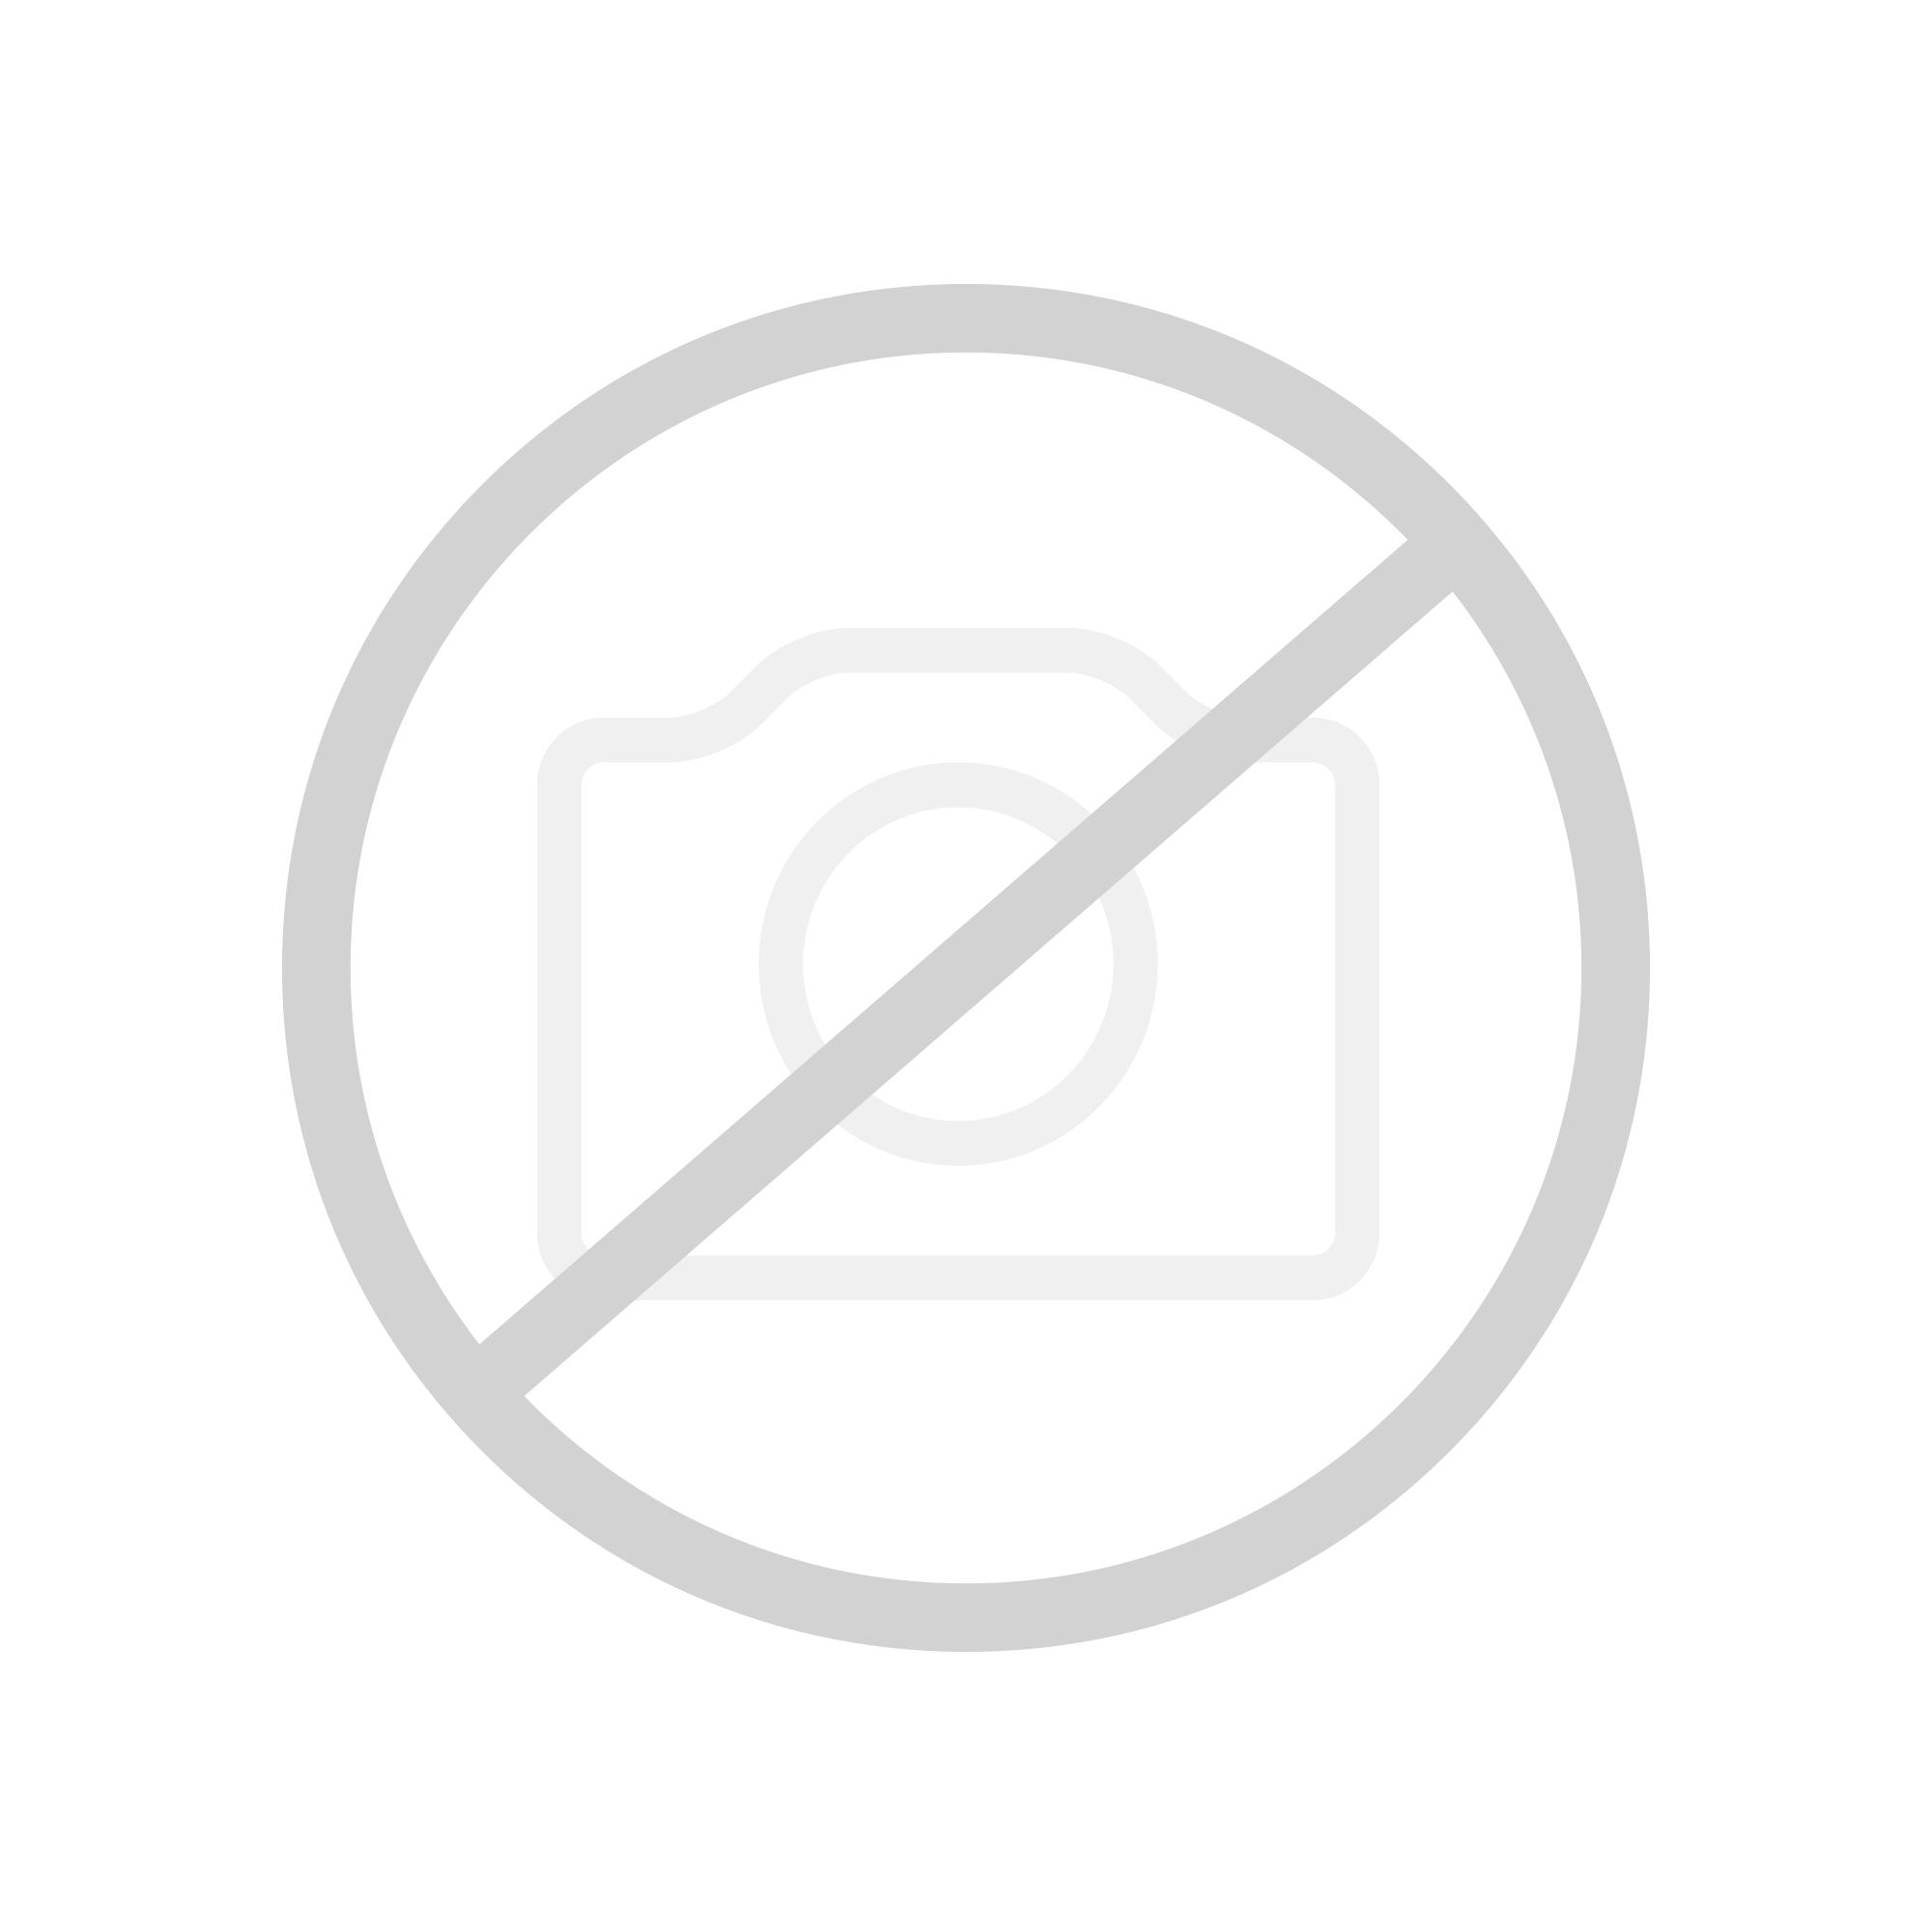 Hansgrohe Talis S Einhebel-Küchenarmatur für offene Heißwasserbereiter chrom